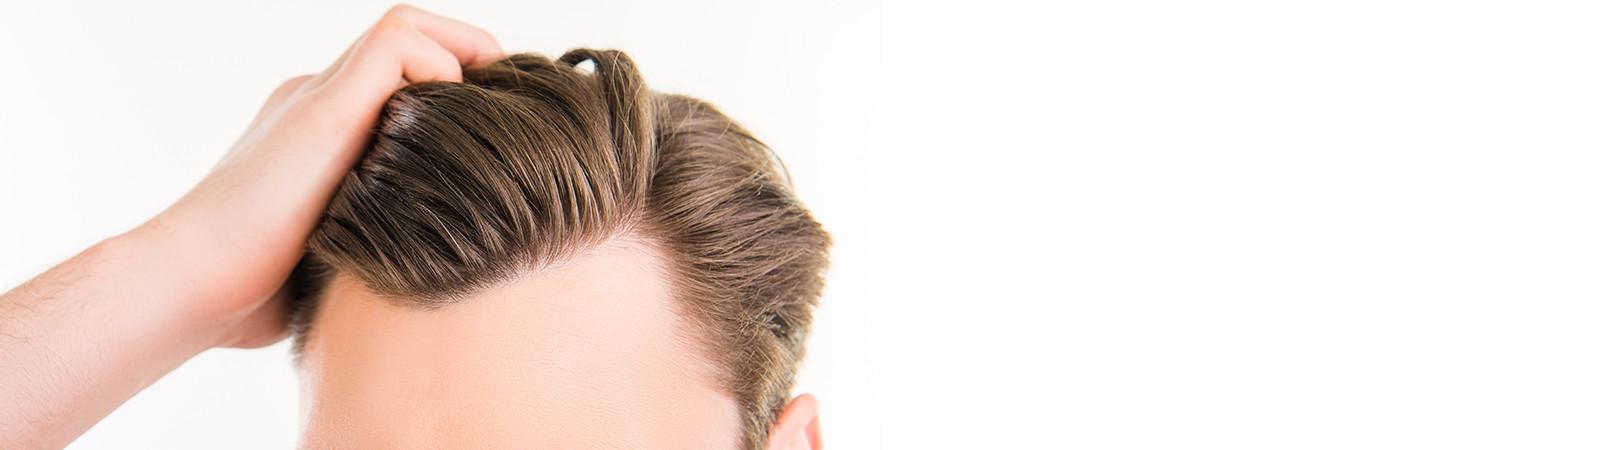 PRP-Eigenbluttherapie zur Gesichtsverjüngung und bei Haarausfall für Männer in Hamburg - Dr. Armin Rau